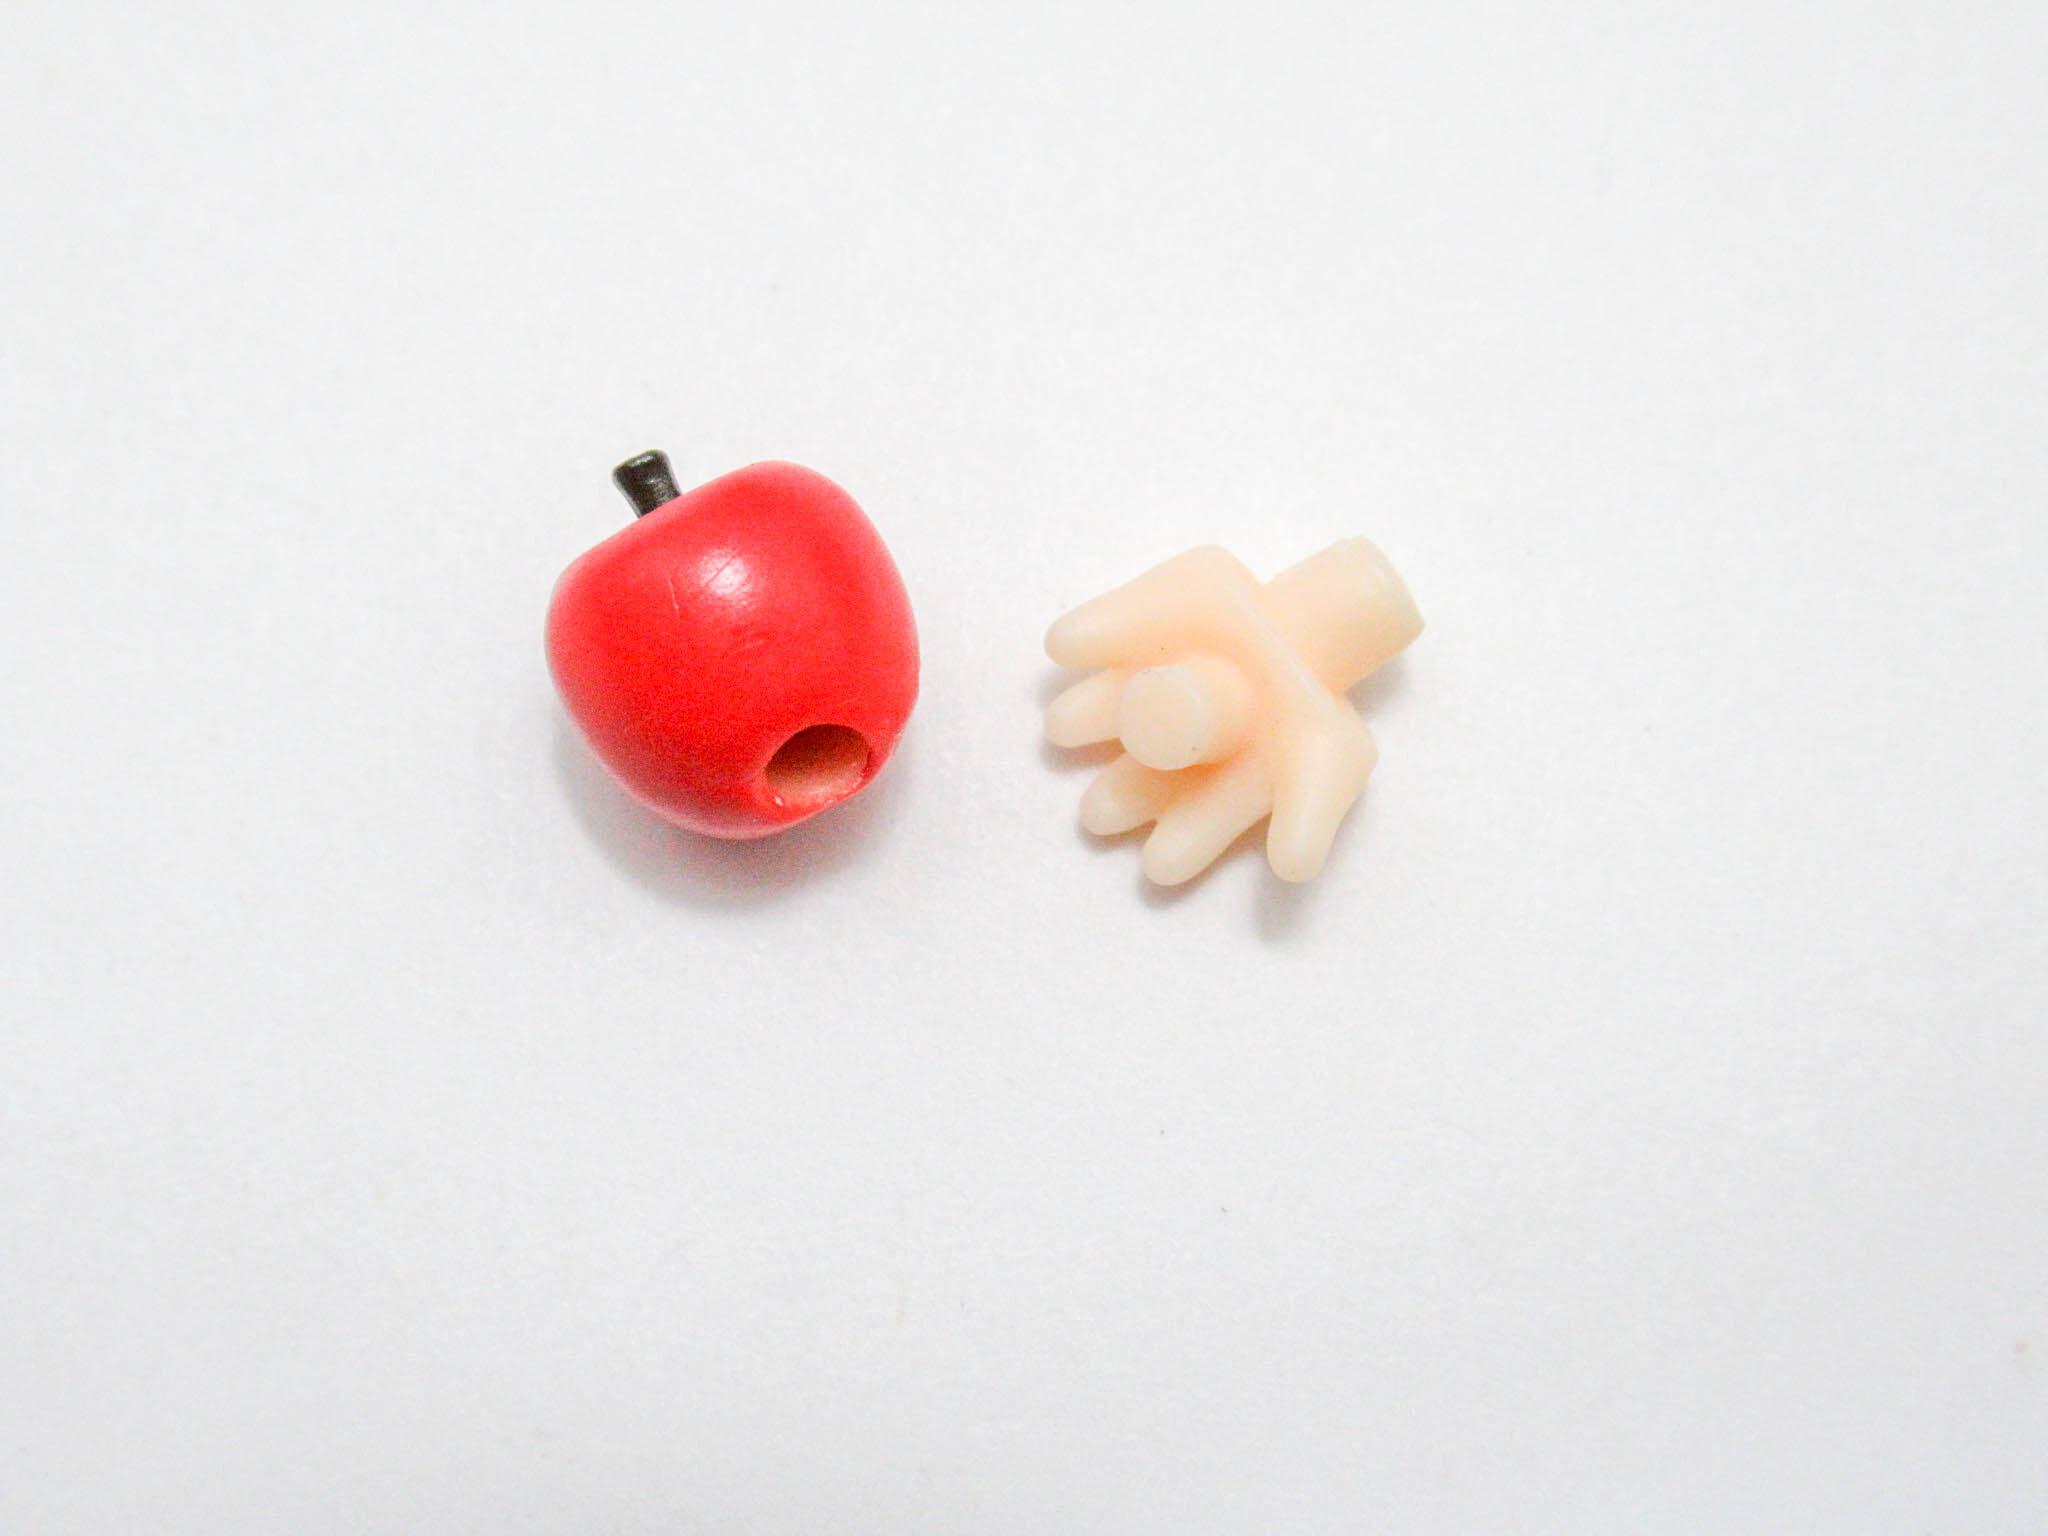 再入荷【1160】 夜神月 2.0 小物パーツ リンゴ ねんどろいど